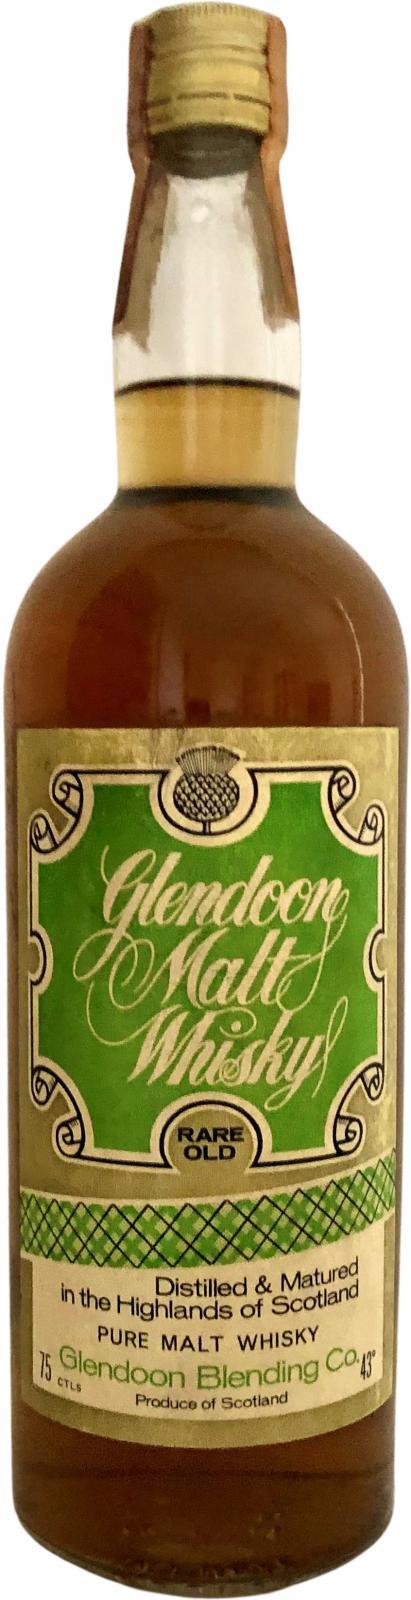 Glendoon Malt Whisky Rare Old